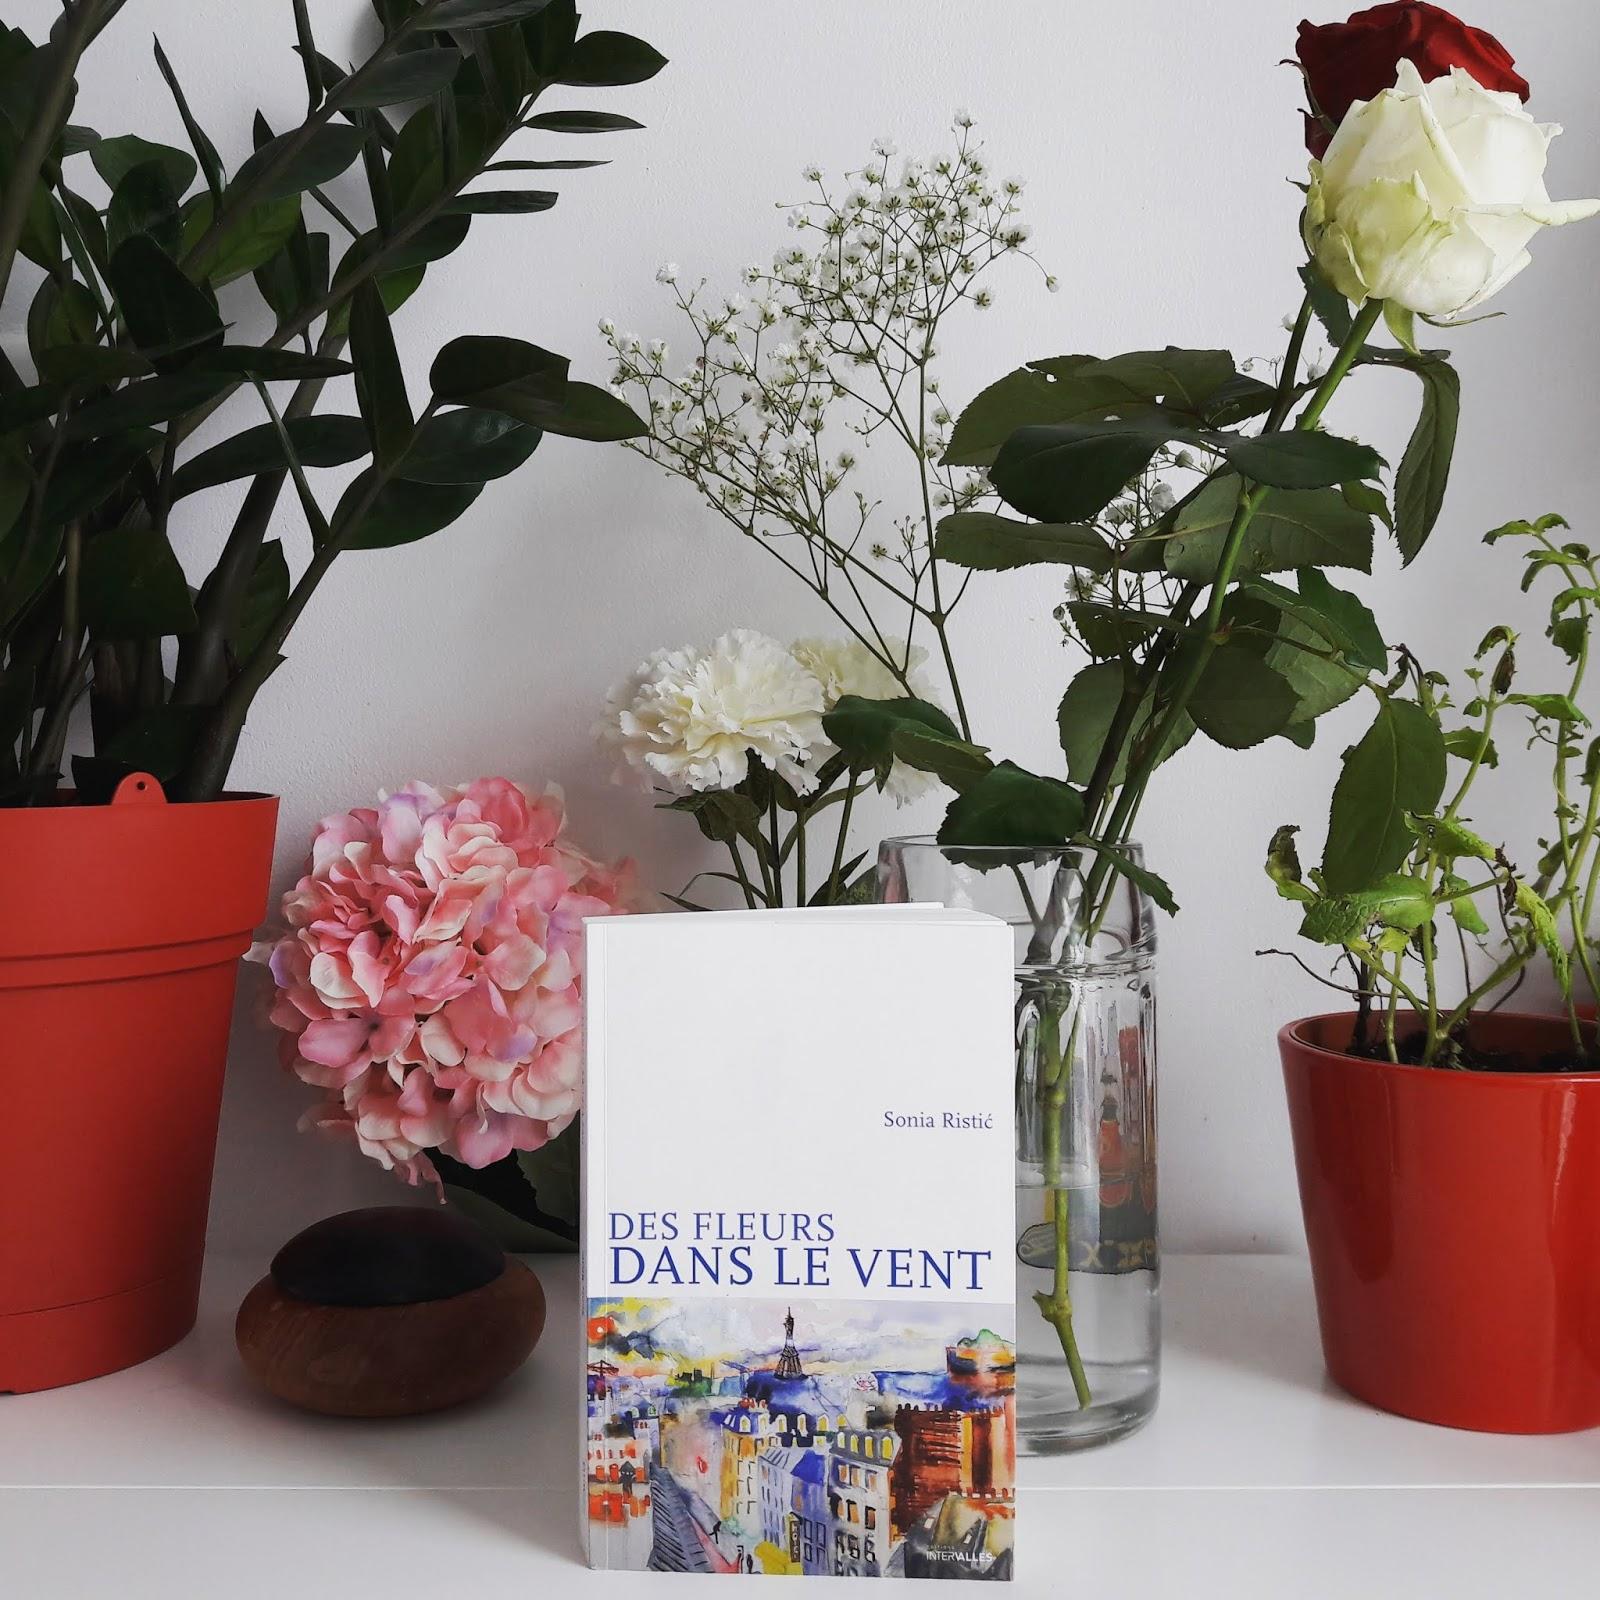 Des fleurs dans le vent de Sonia Ristić